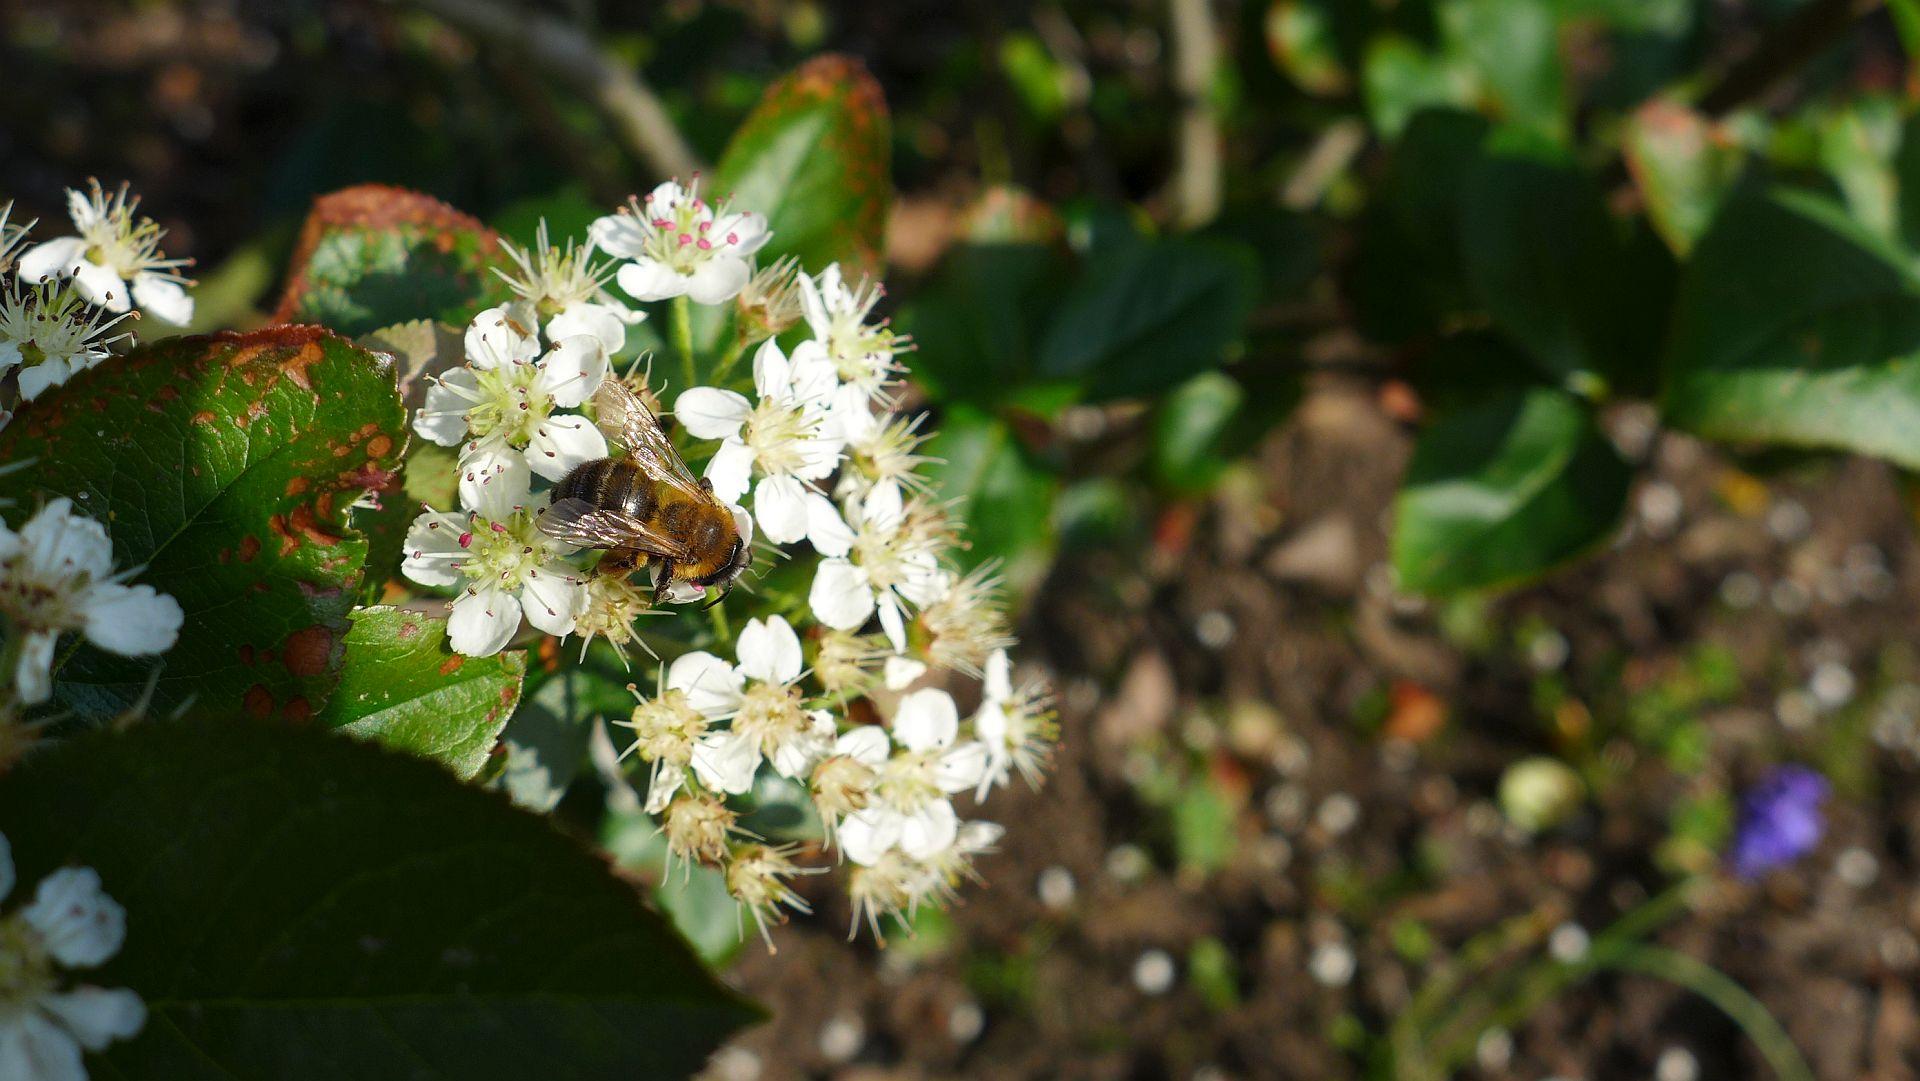 07_Blühender Frühling